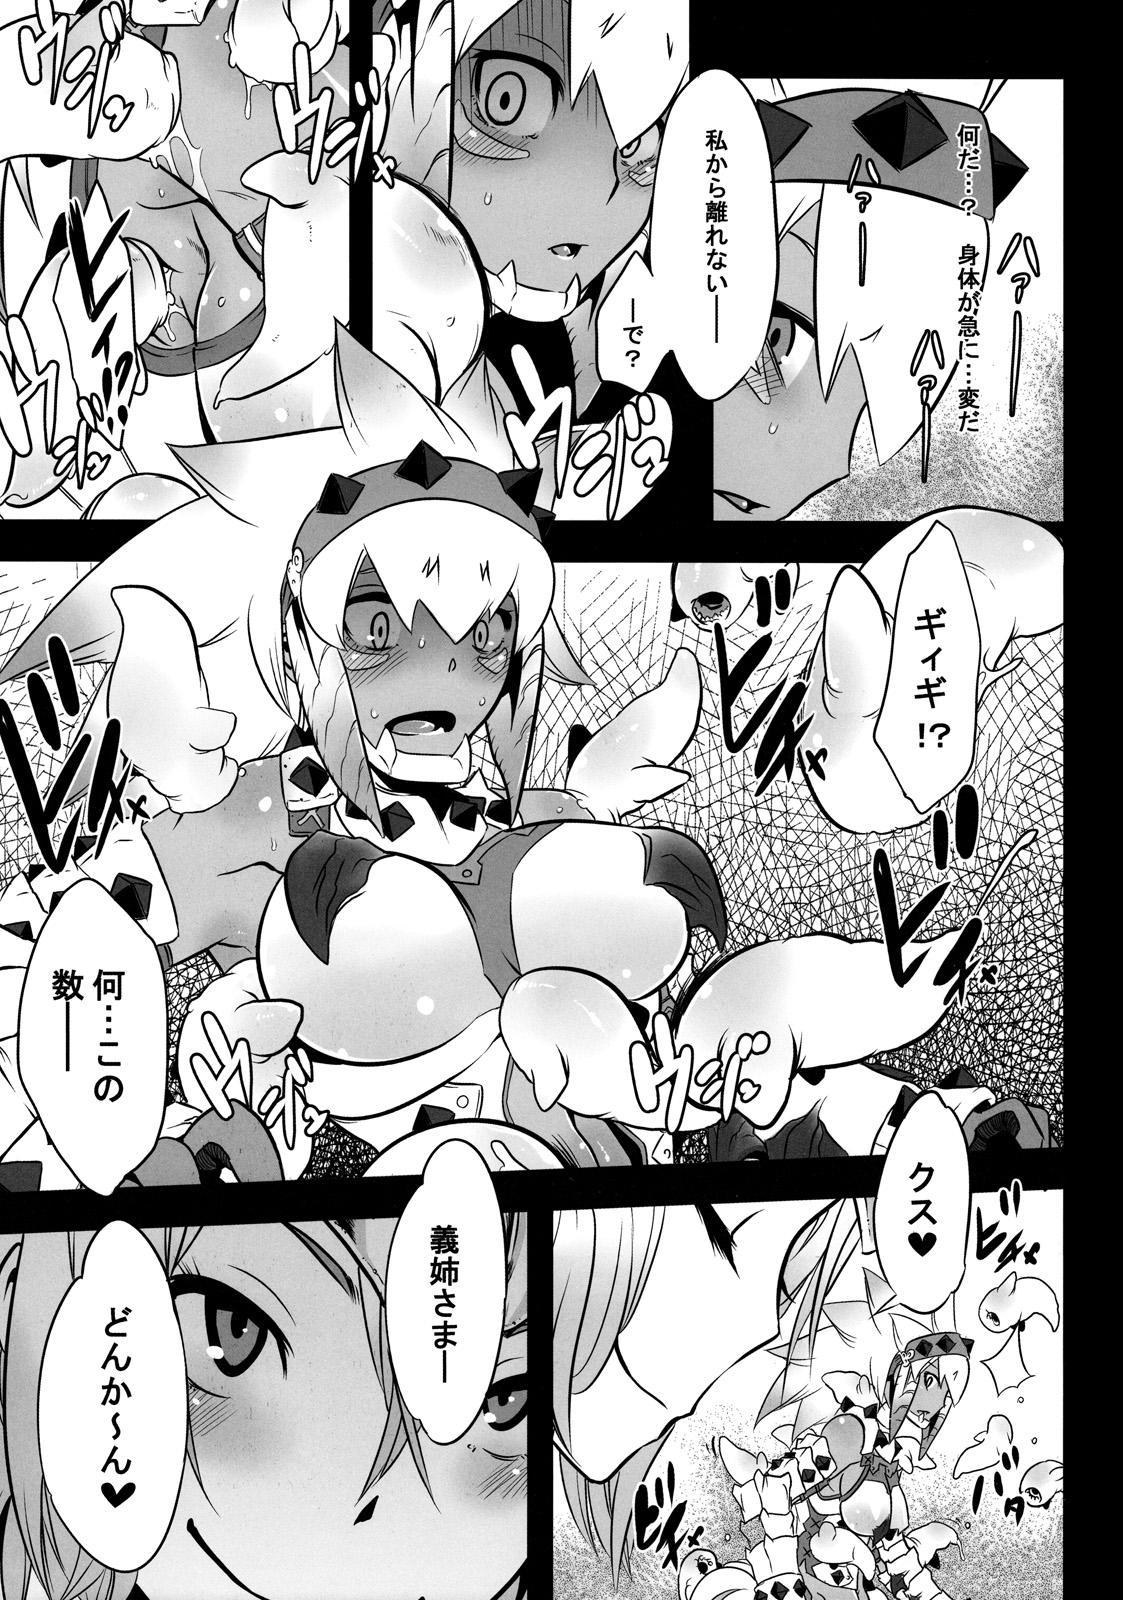 Hanshoku Nebura 12